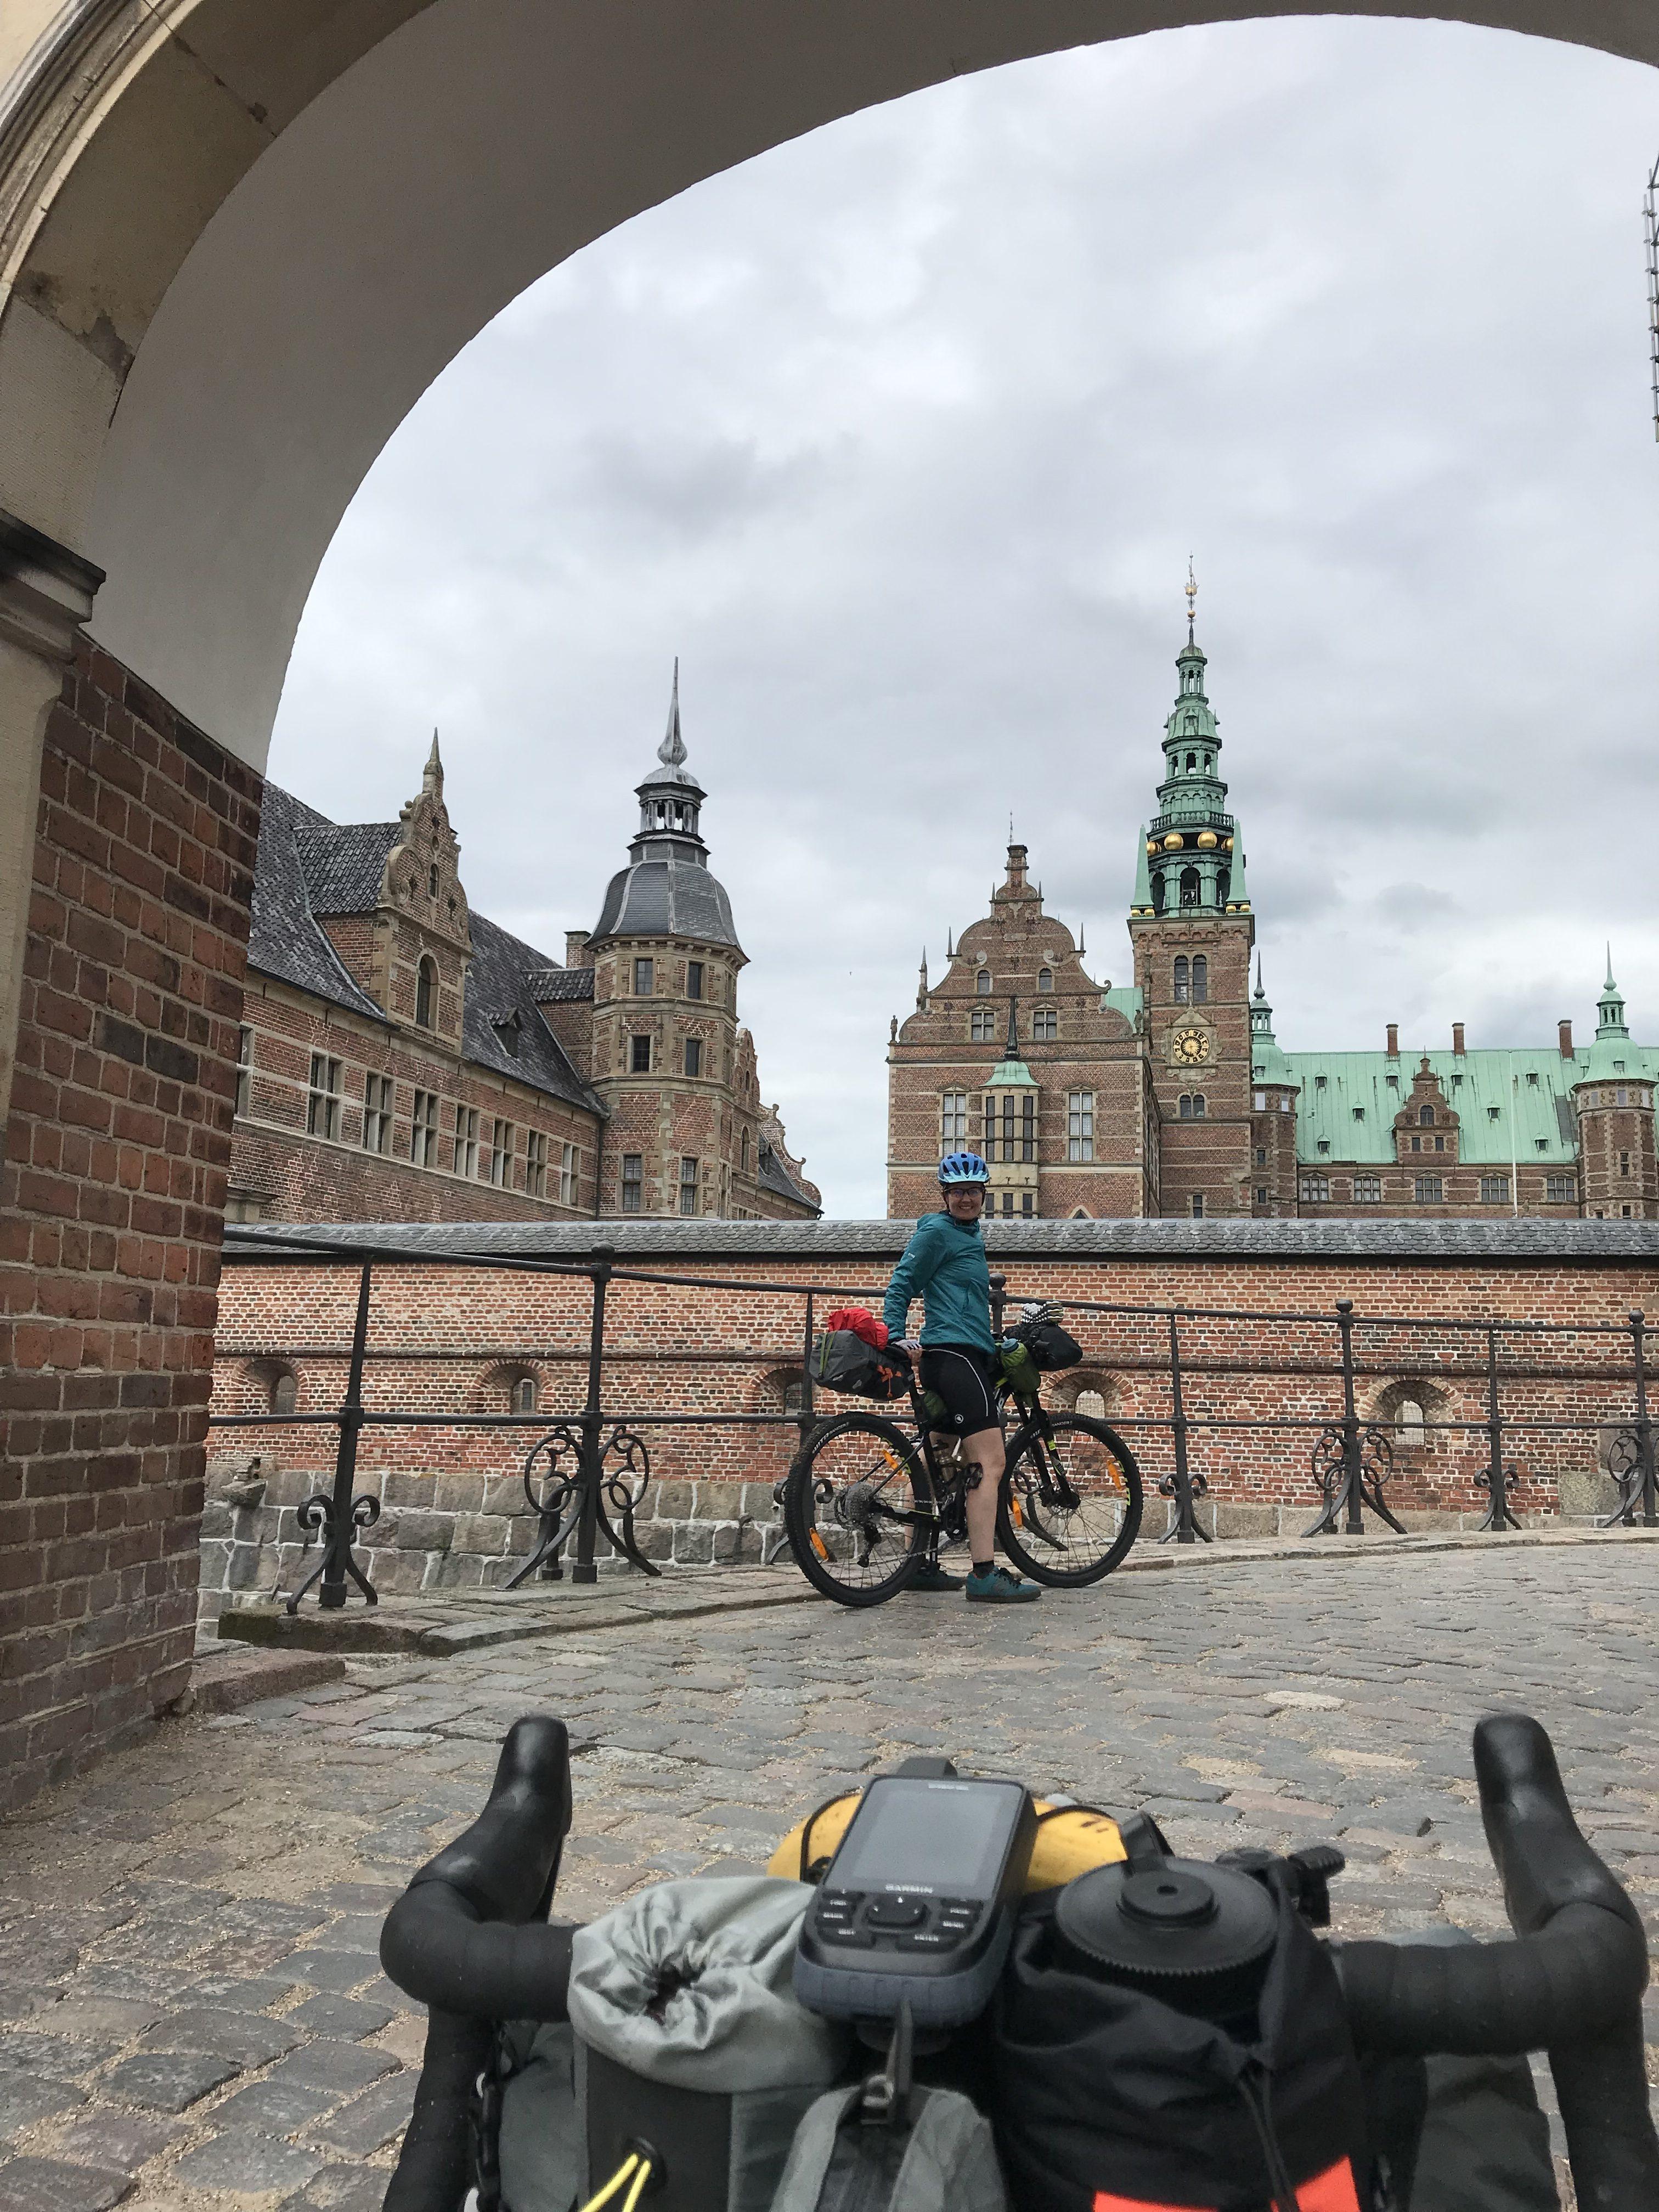 Cykelruten nord ud af Hillerød går direkte gennem Frederiksborg Slot og slotspark. Fin måde at blande naturoplevelserne med kultur.